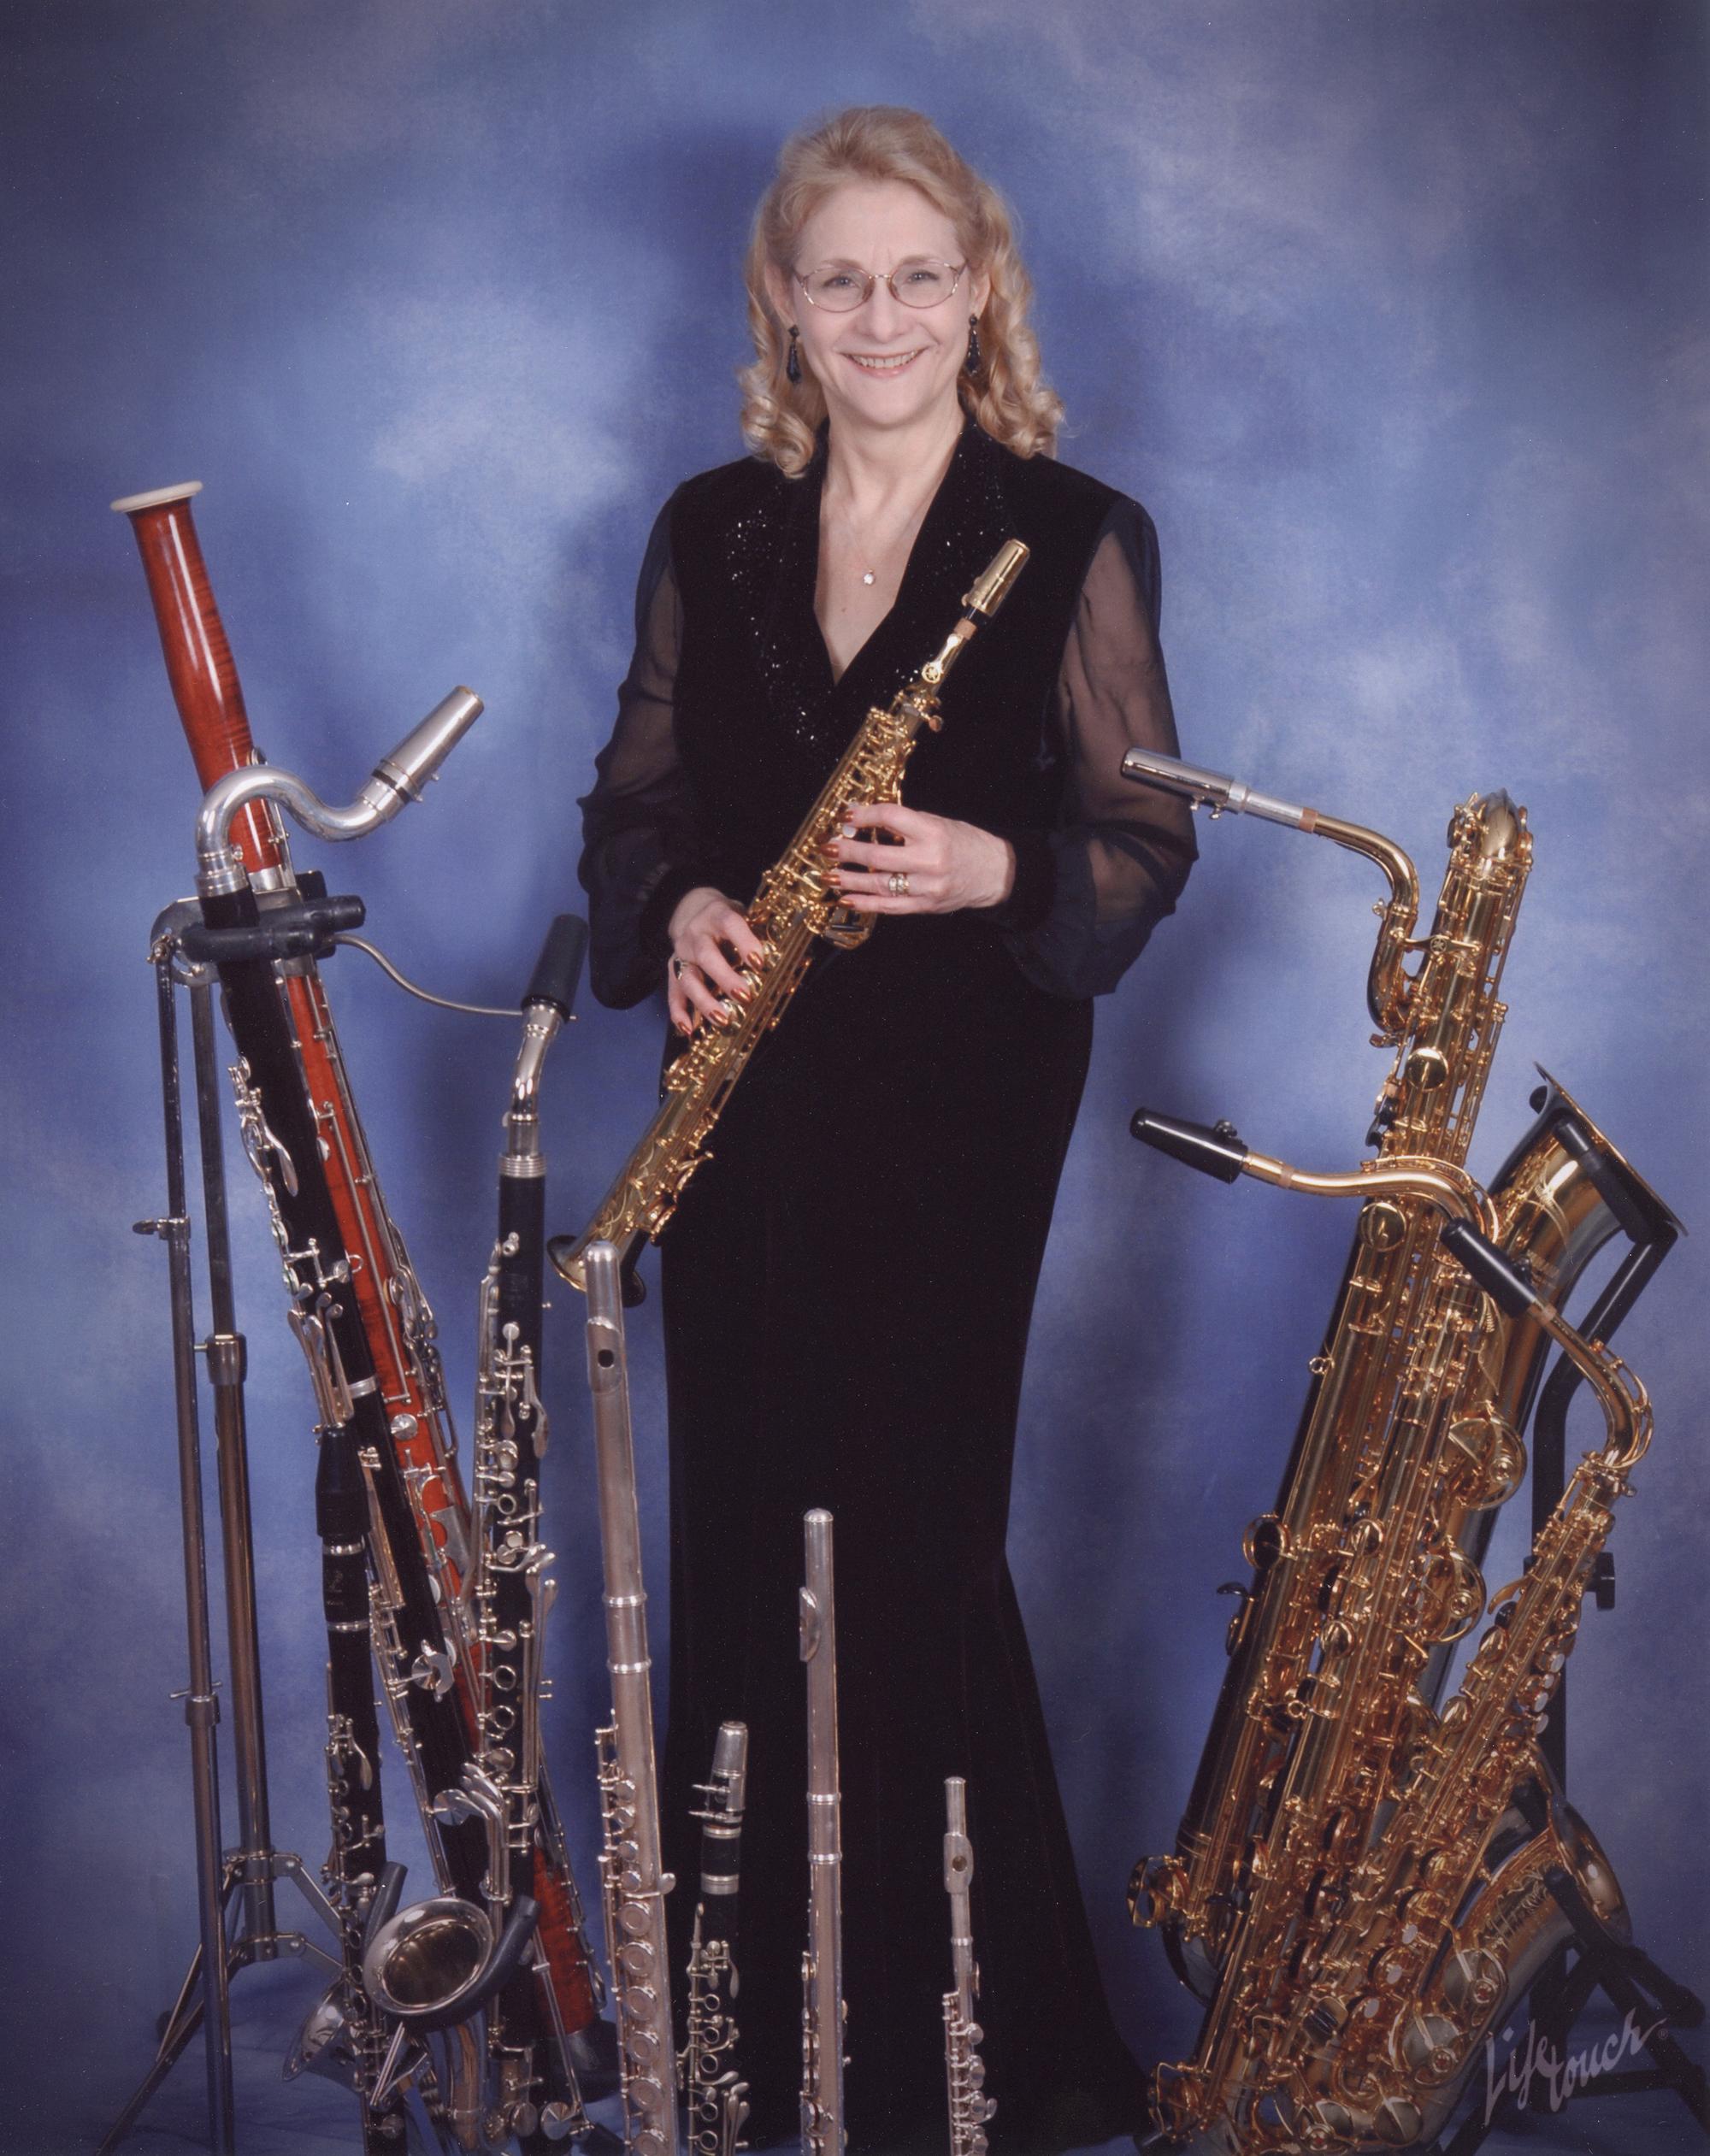 Denise Isaacson